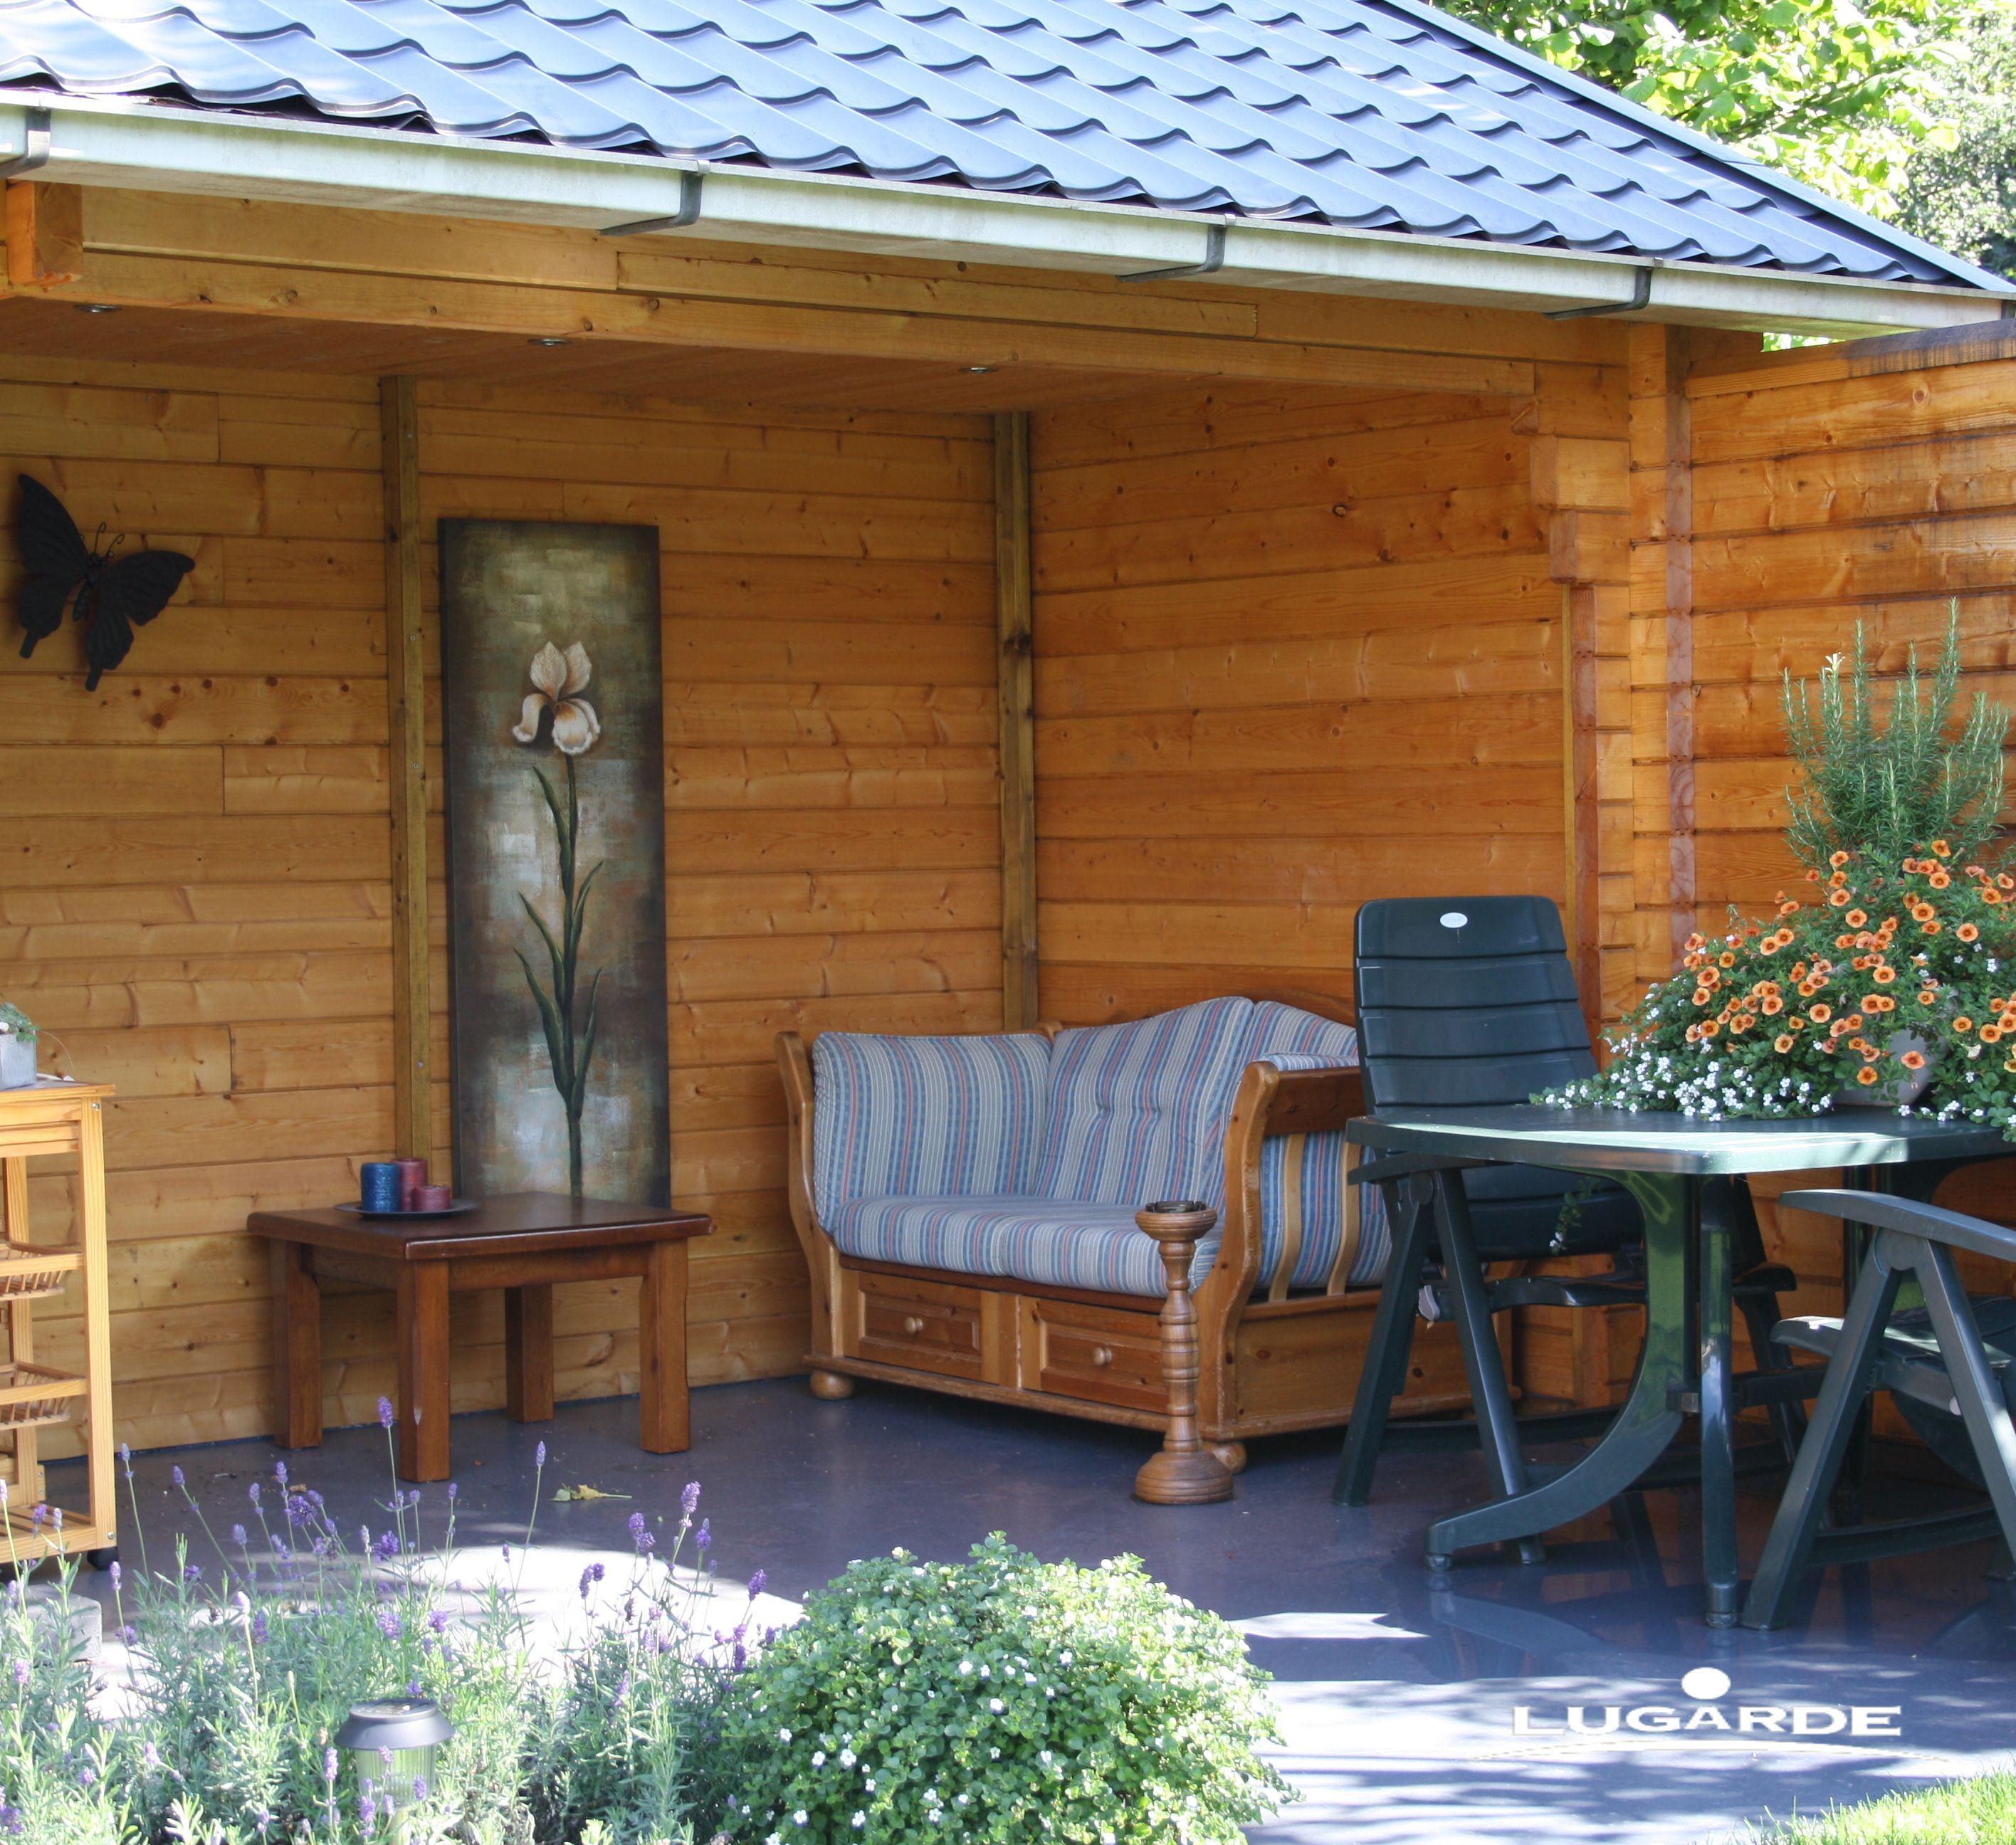 Rustikal, gemütlich und ländlich ist dieses offene Gartenhaus